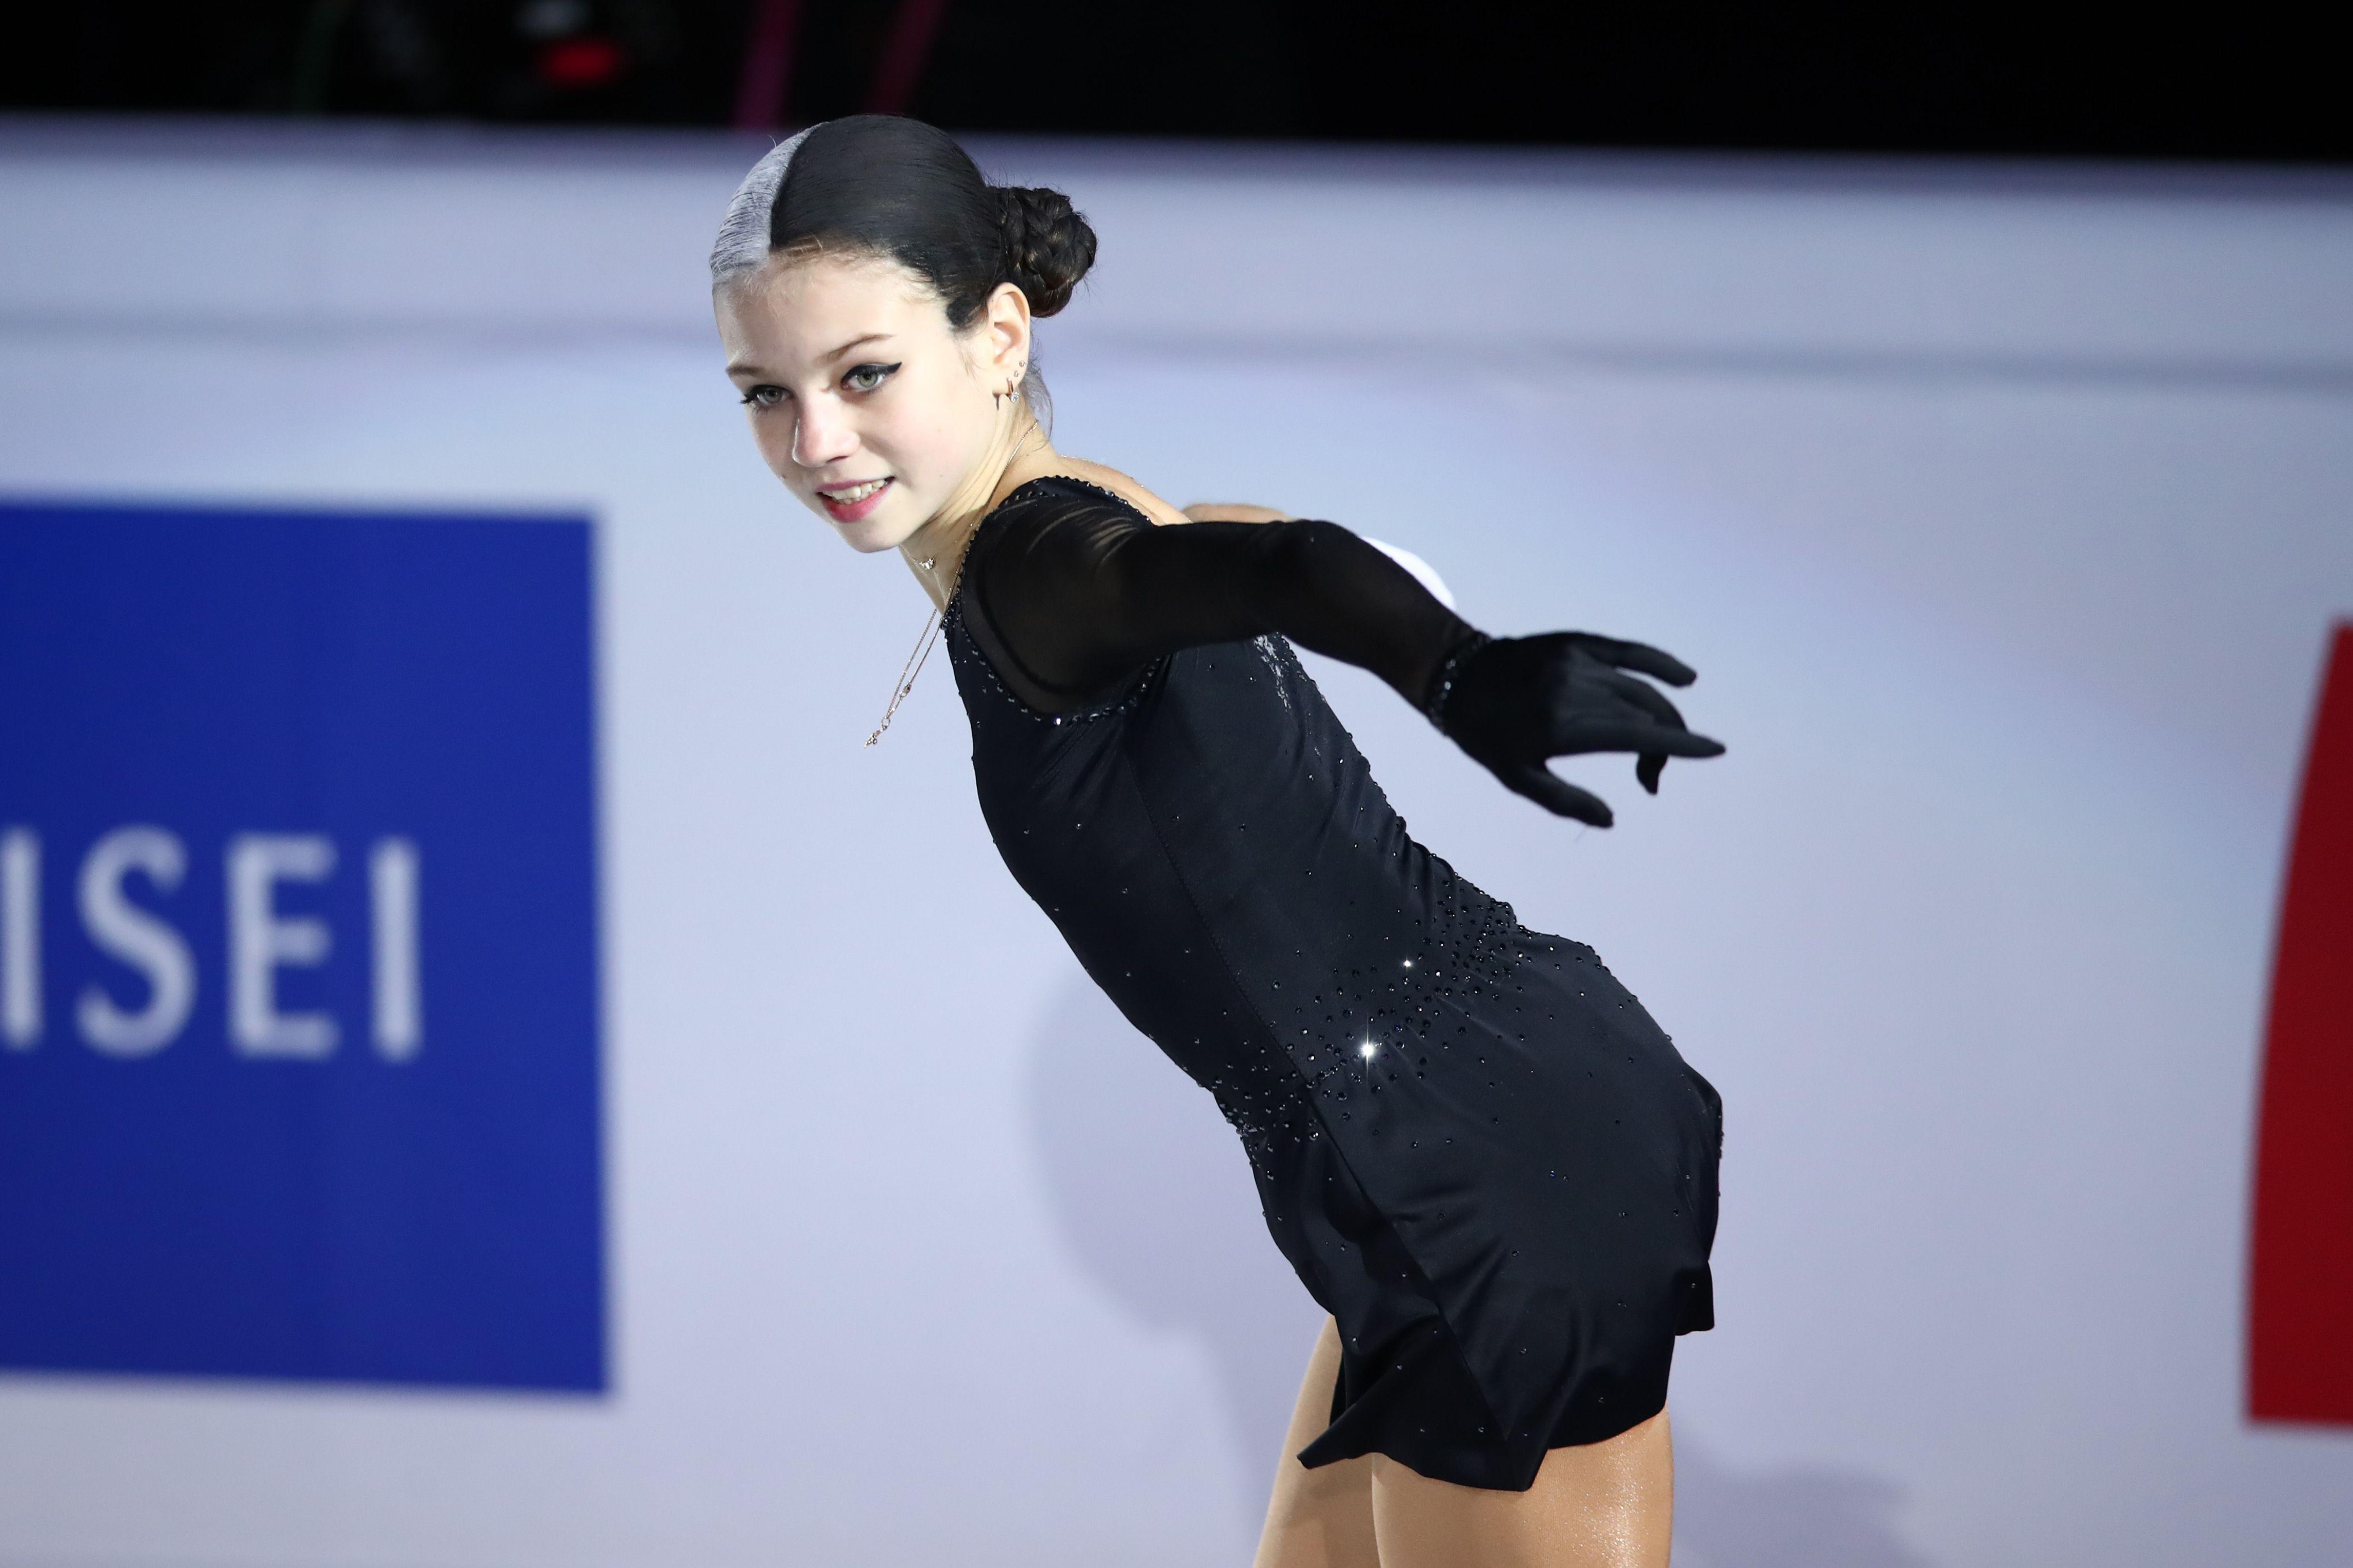 Олимпиаду-2022 выиграет Трусова. Букмекеры уже всё высчитали